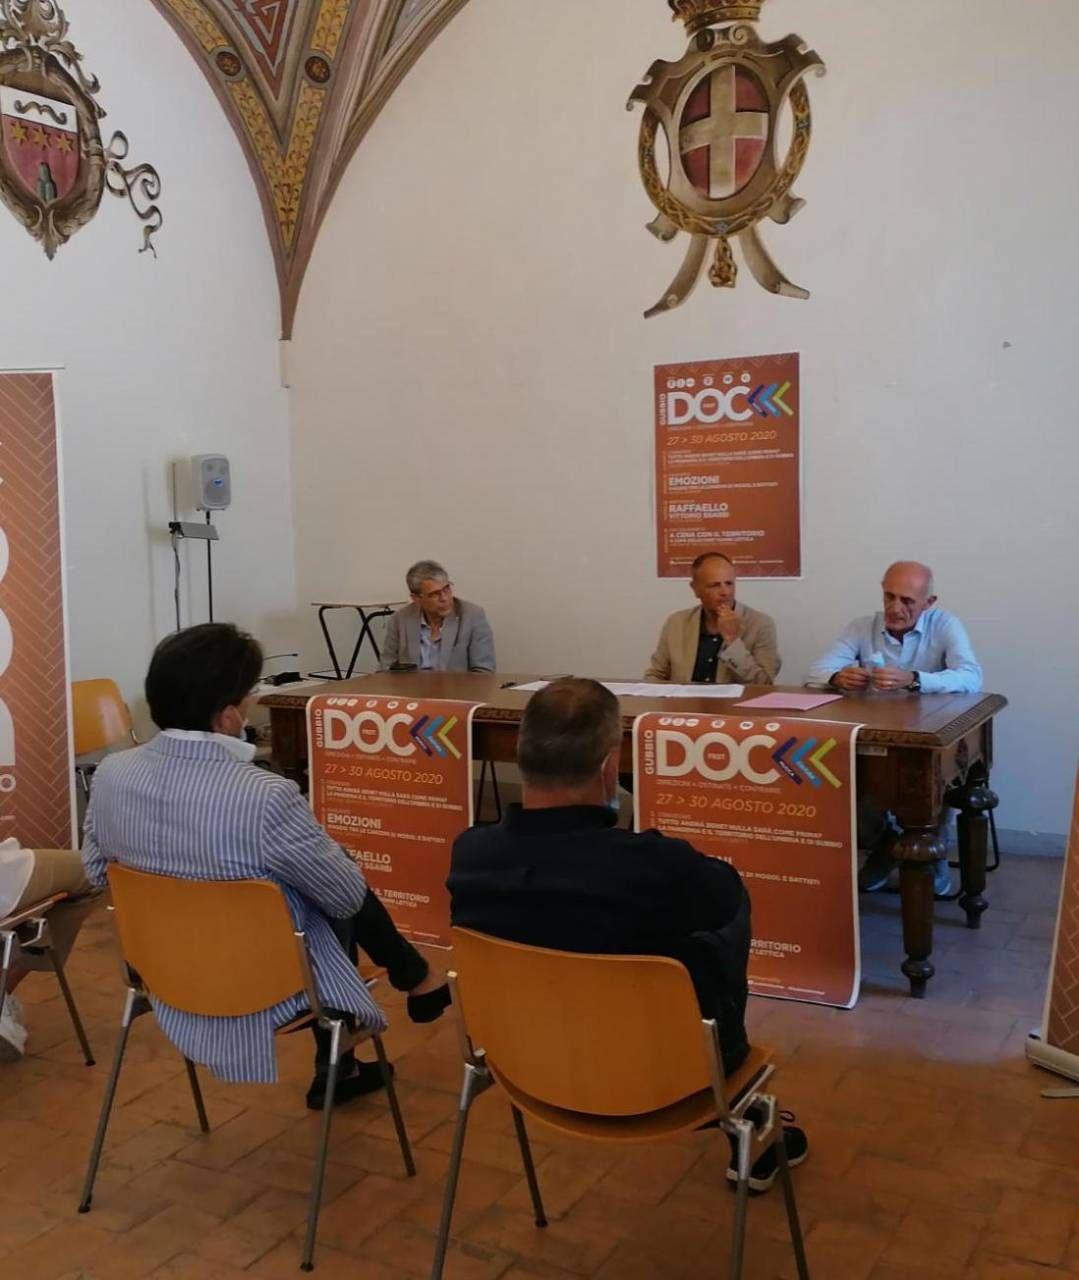 La presentazione con l'assessore Oderisi Nello Fiorucci, Mario Monacelli e Alberto Nicchi